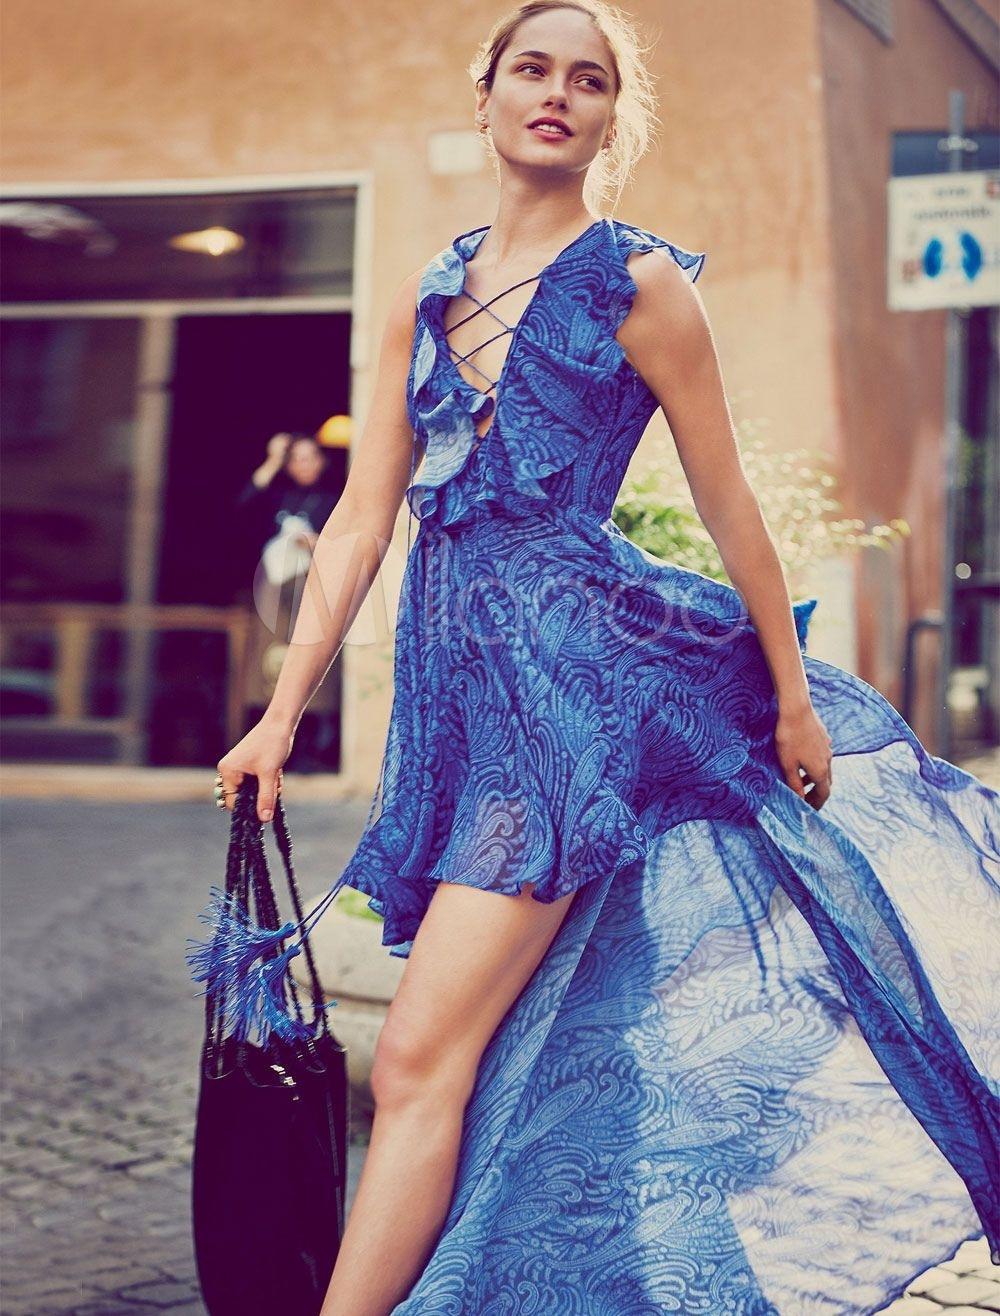 13 Ausgezeichnet Langes Schickes Kleid Bester Preis20 Großartig Langes Schickes Kleid Stylish